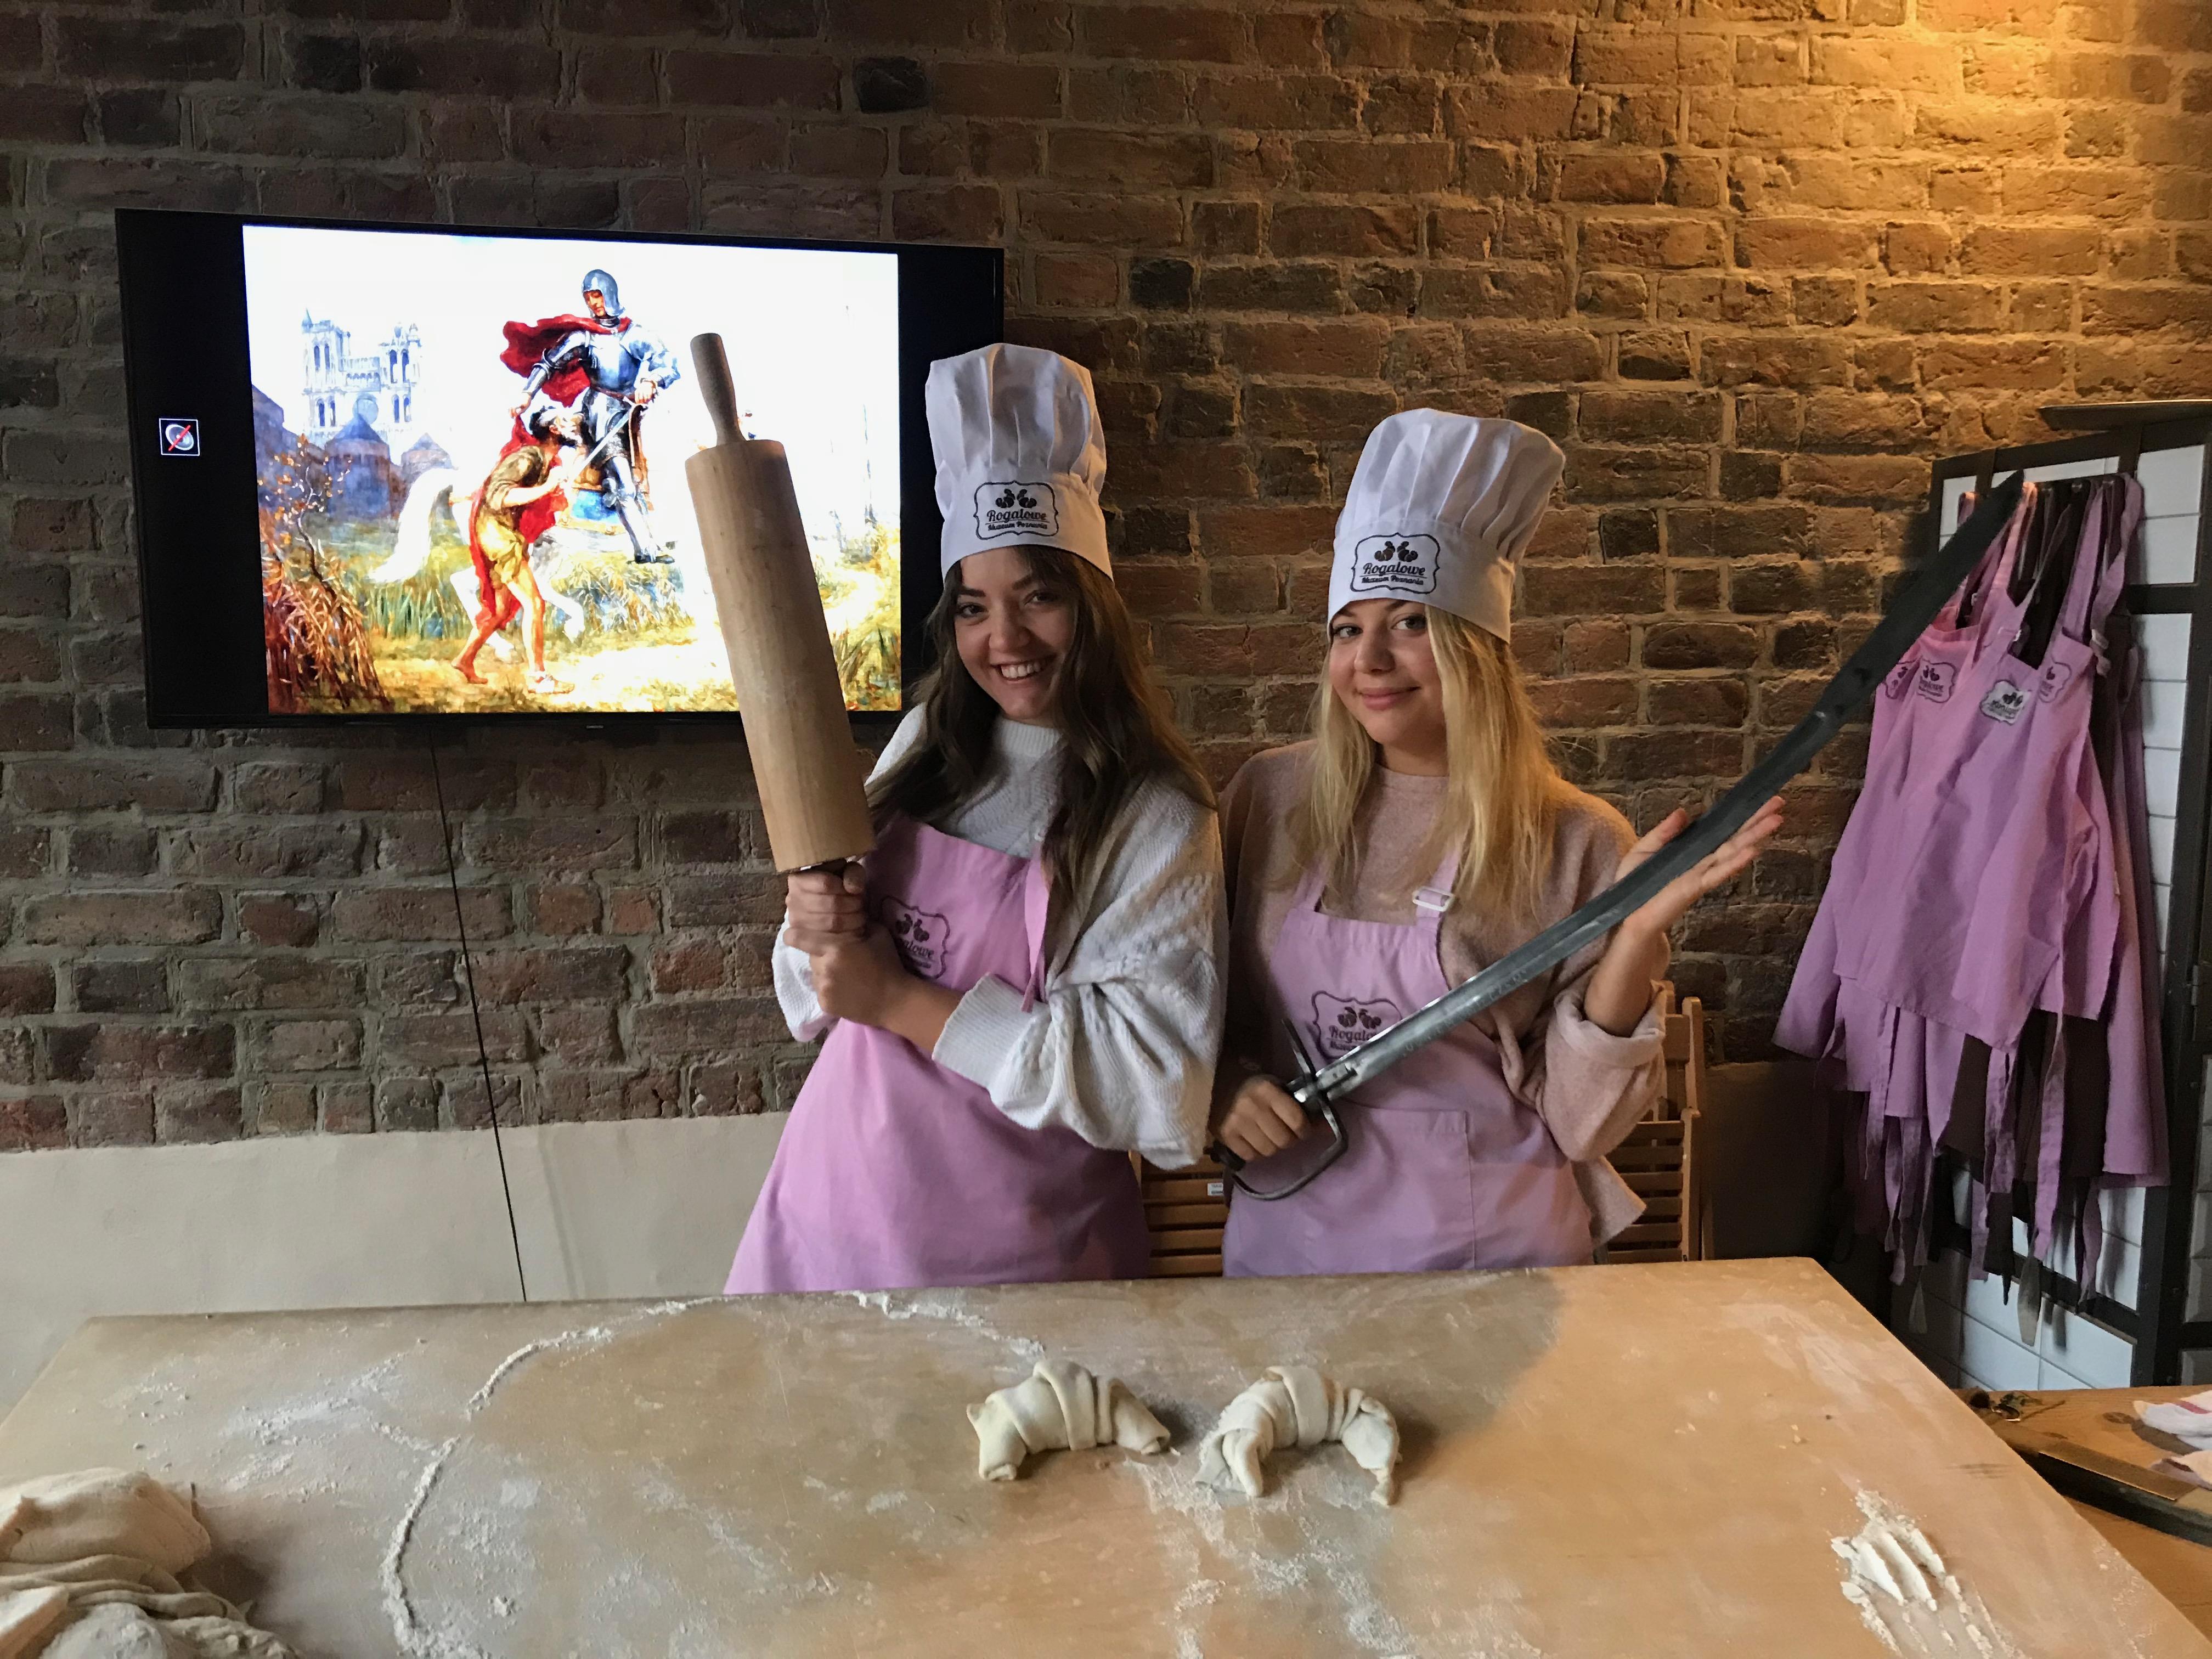 Dziewczyny wzięły sprawy w swoje ręce i z uśmiechem na ustach rozpoczęły prace kuchenne.